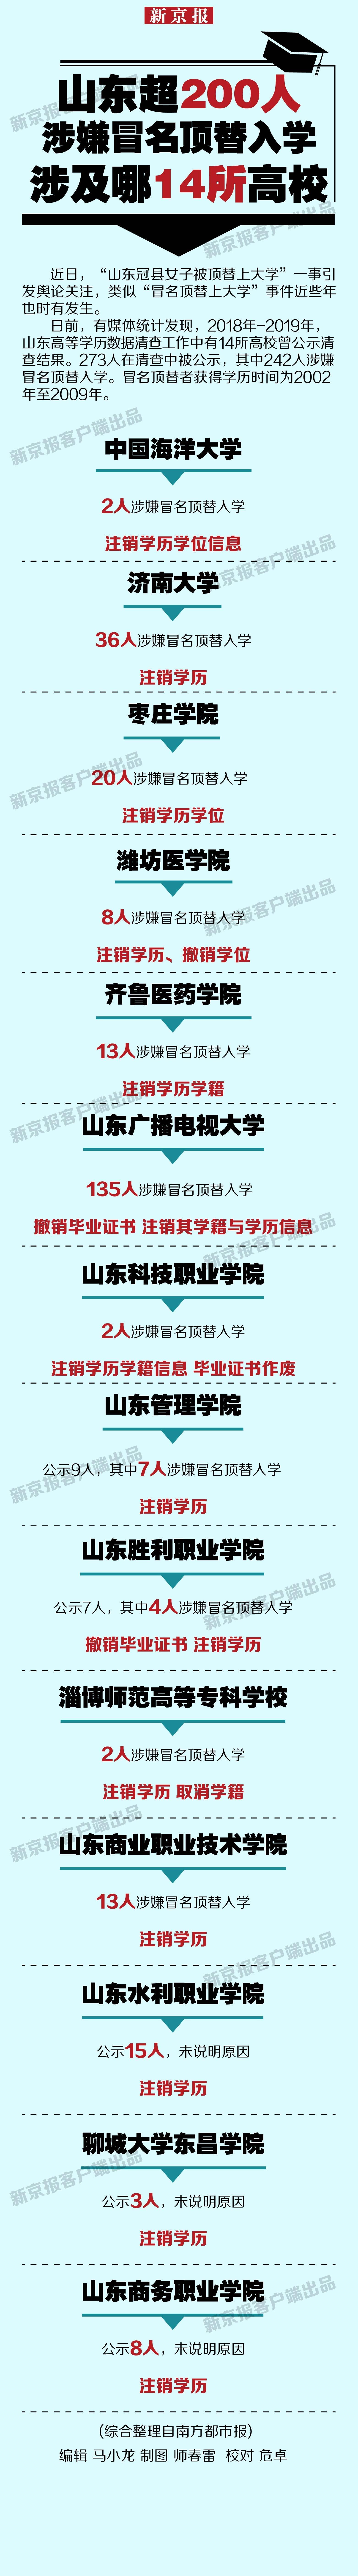 山东242人涉嫌冒名顶替入学:涉及这14所高校,不乏知名学府